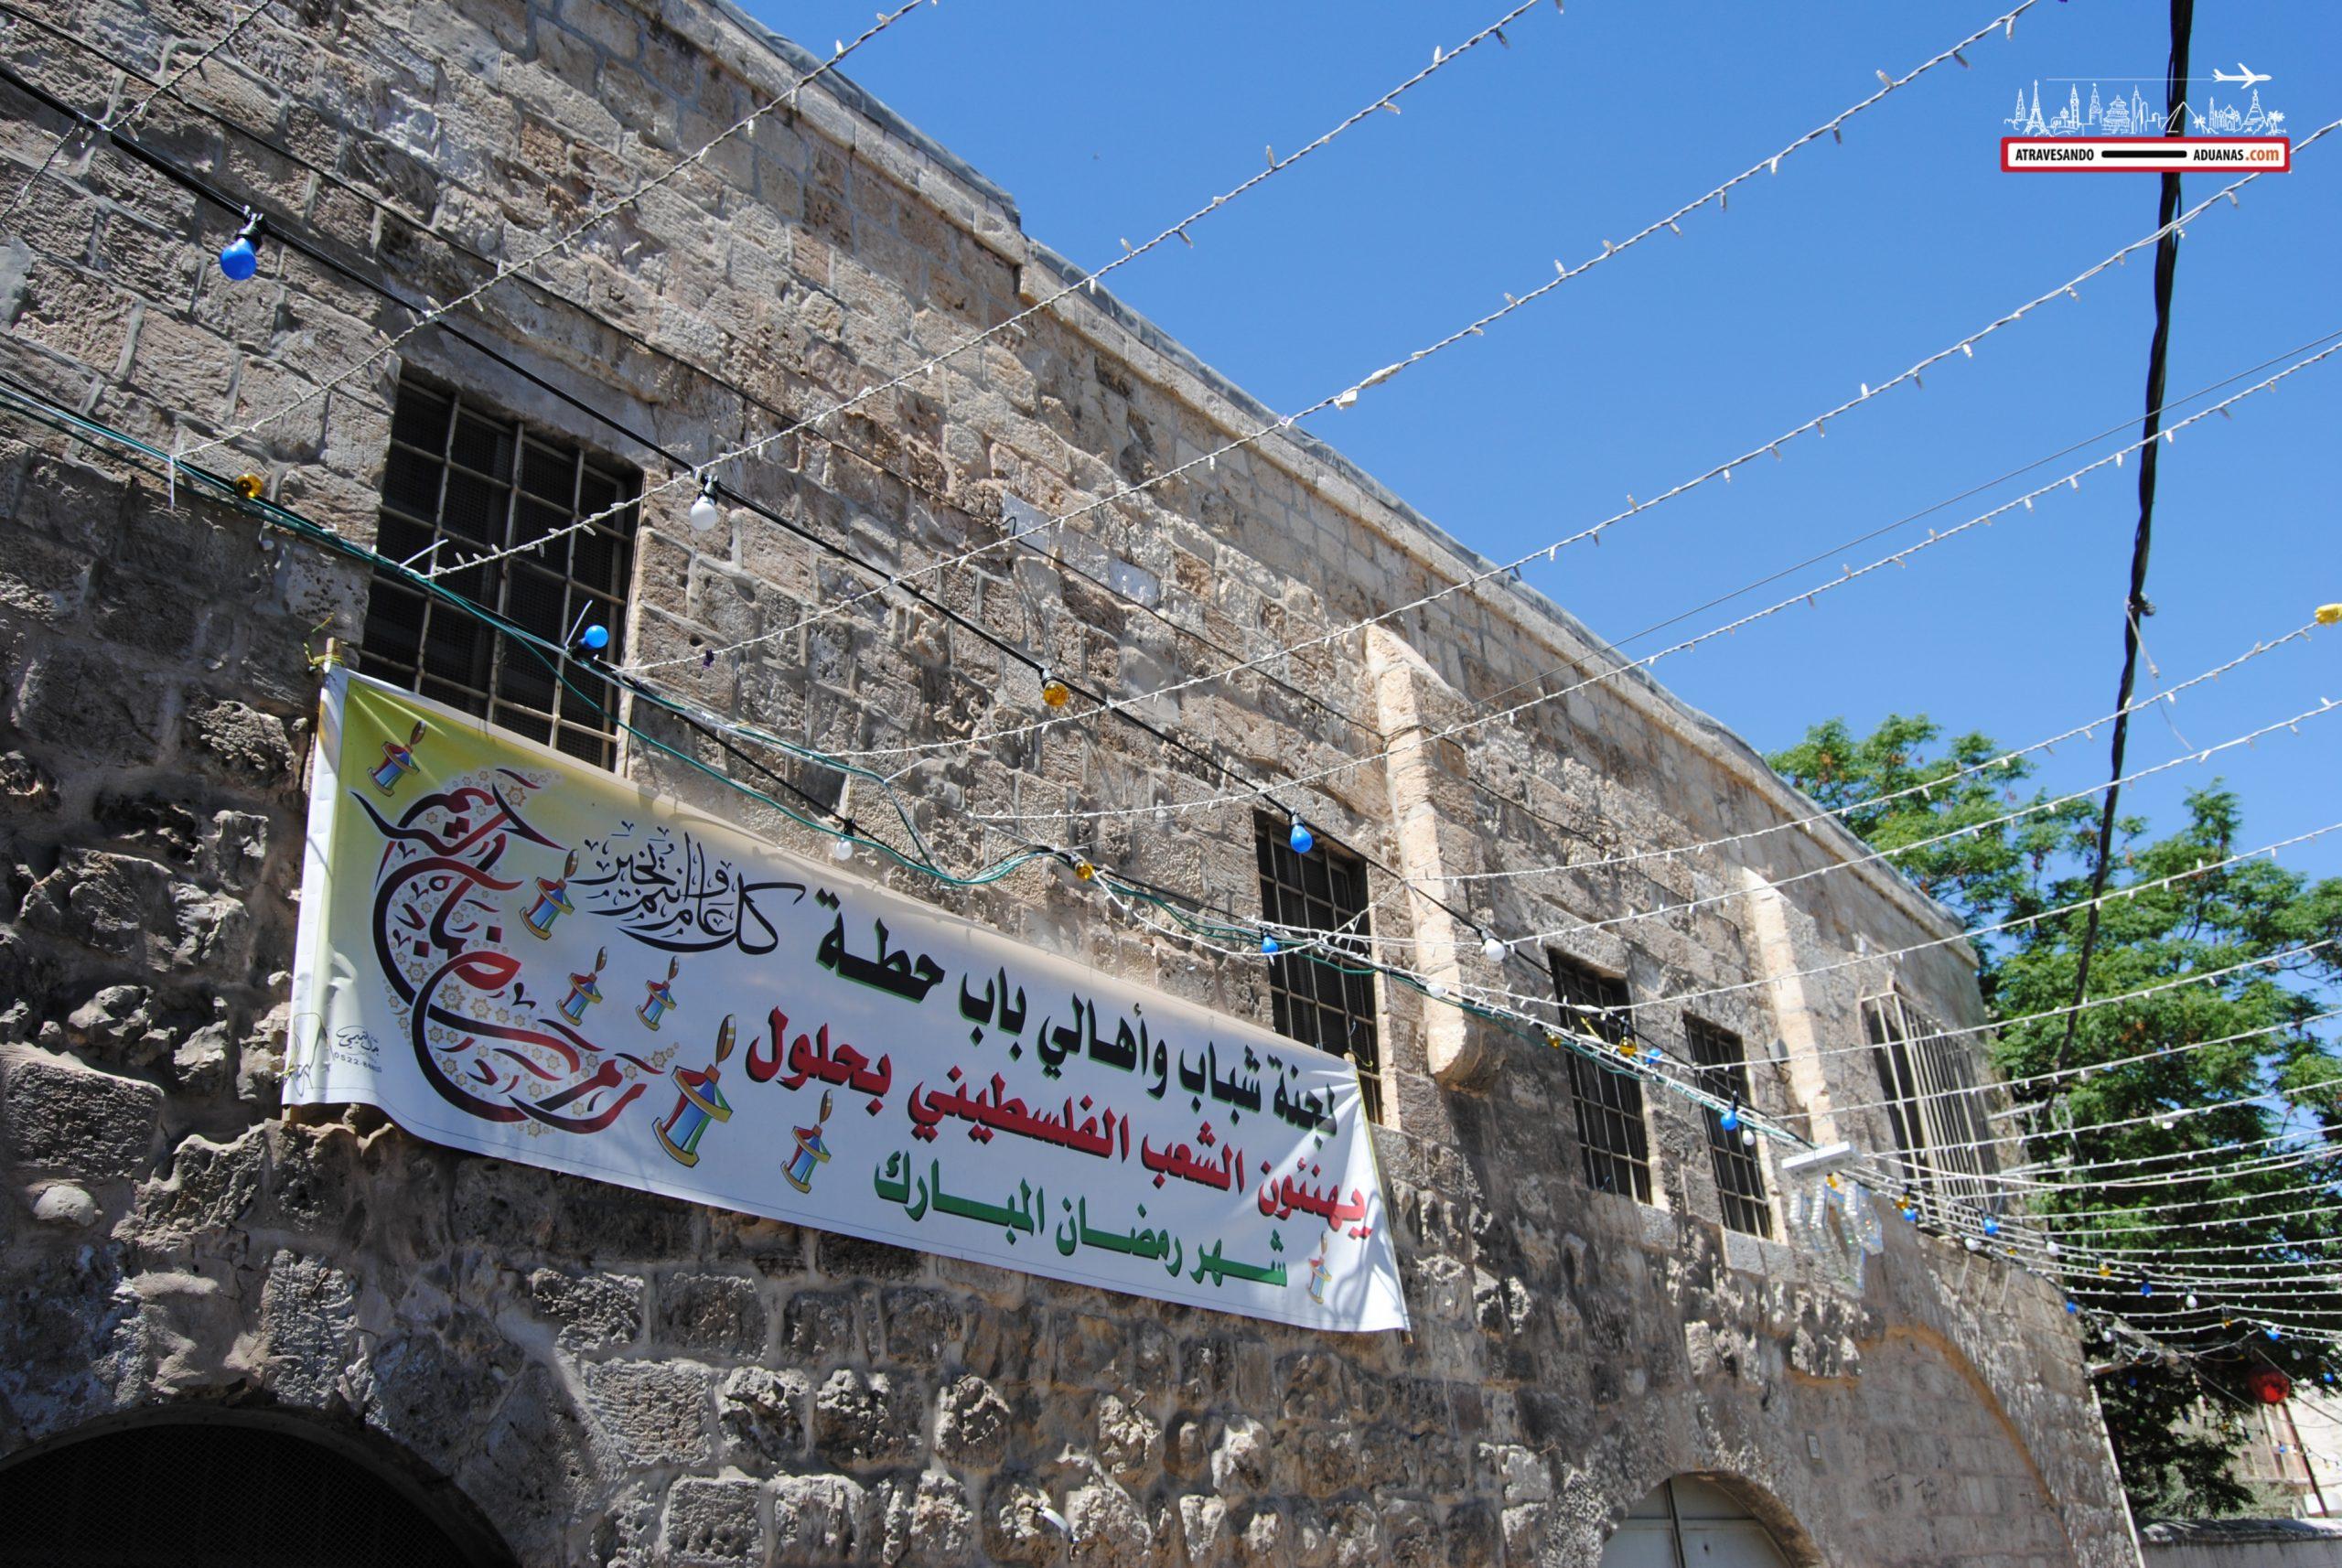 Cartel felicitando una festividad al pueblo palestino.